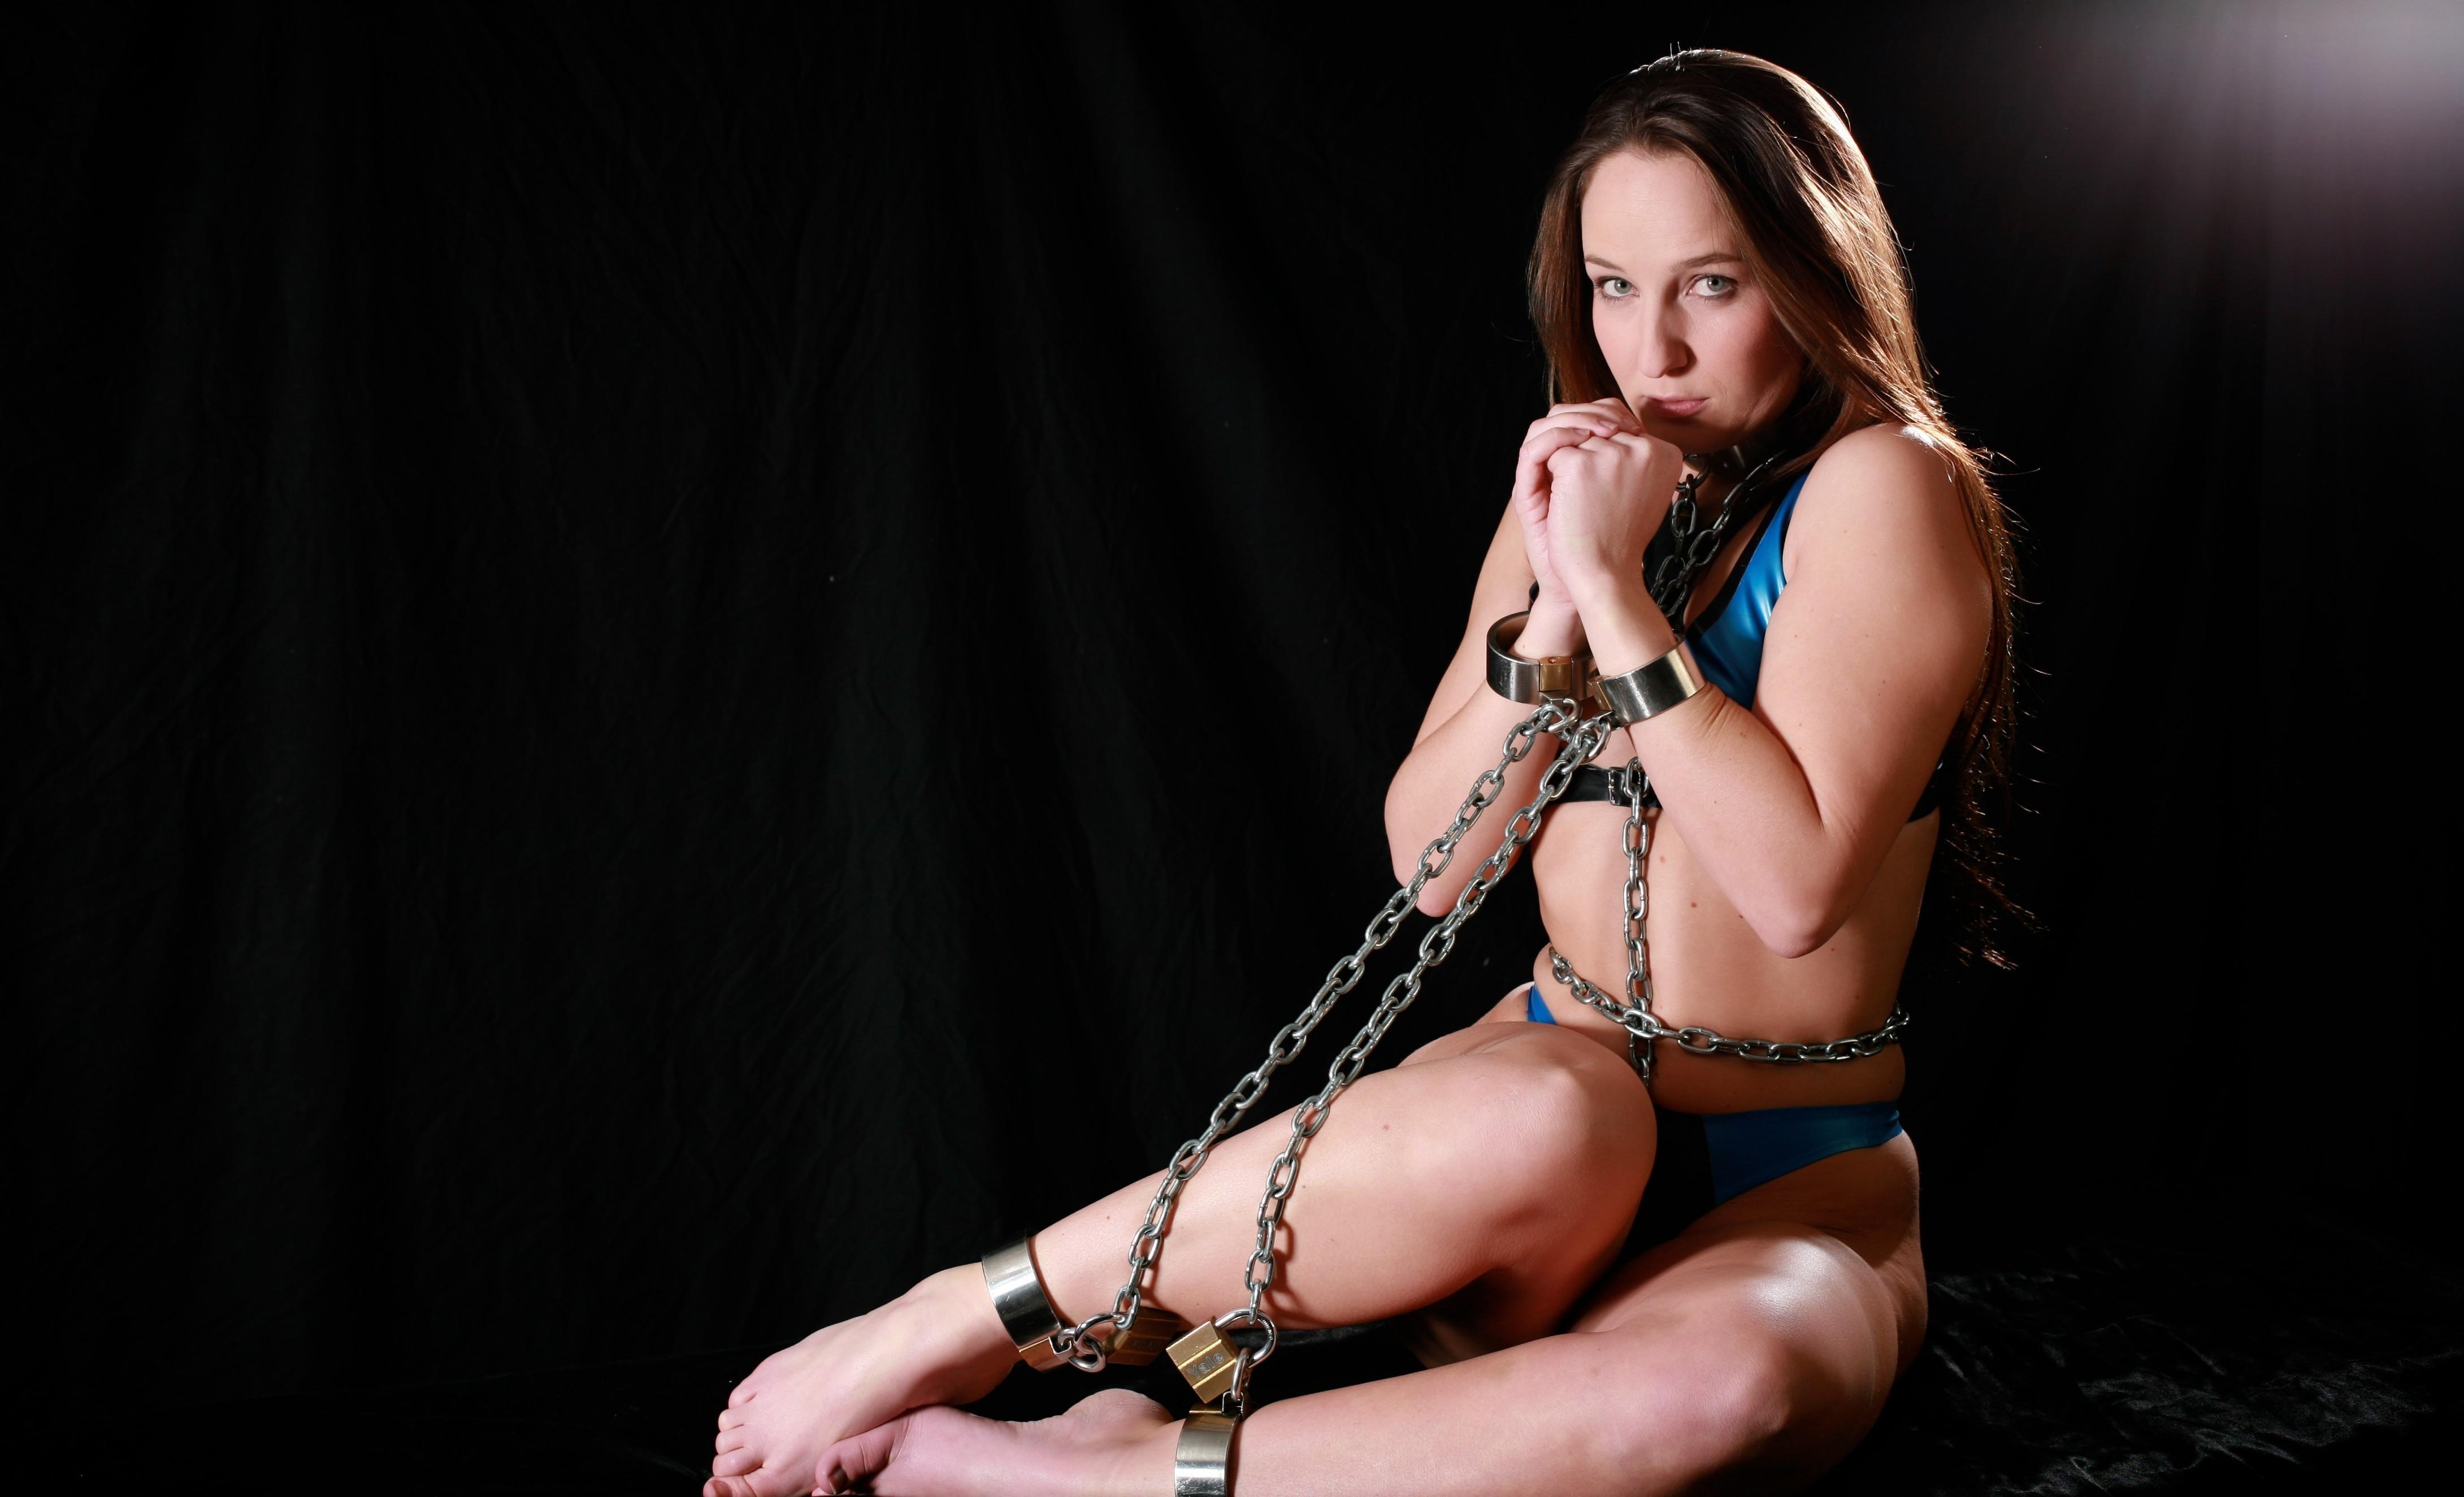 Women in bondage wallpaper